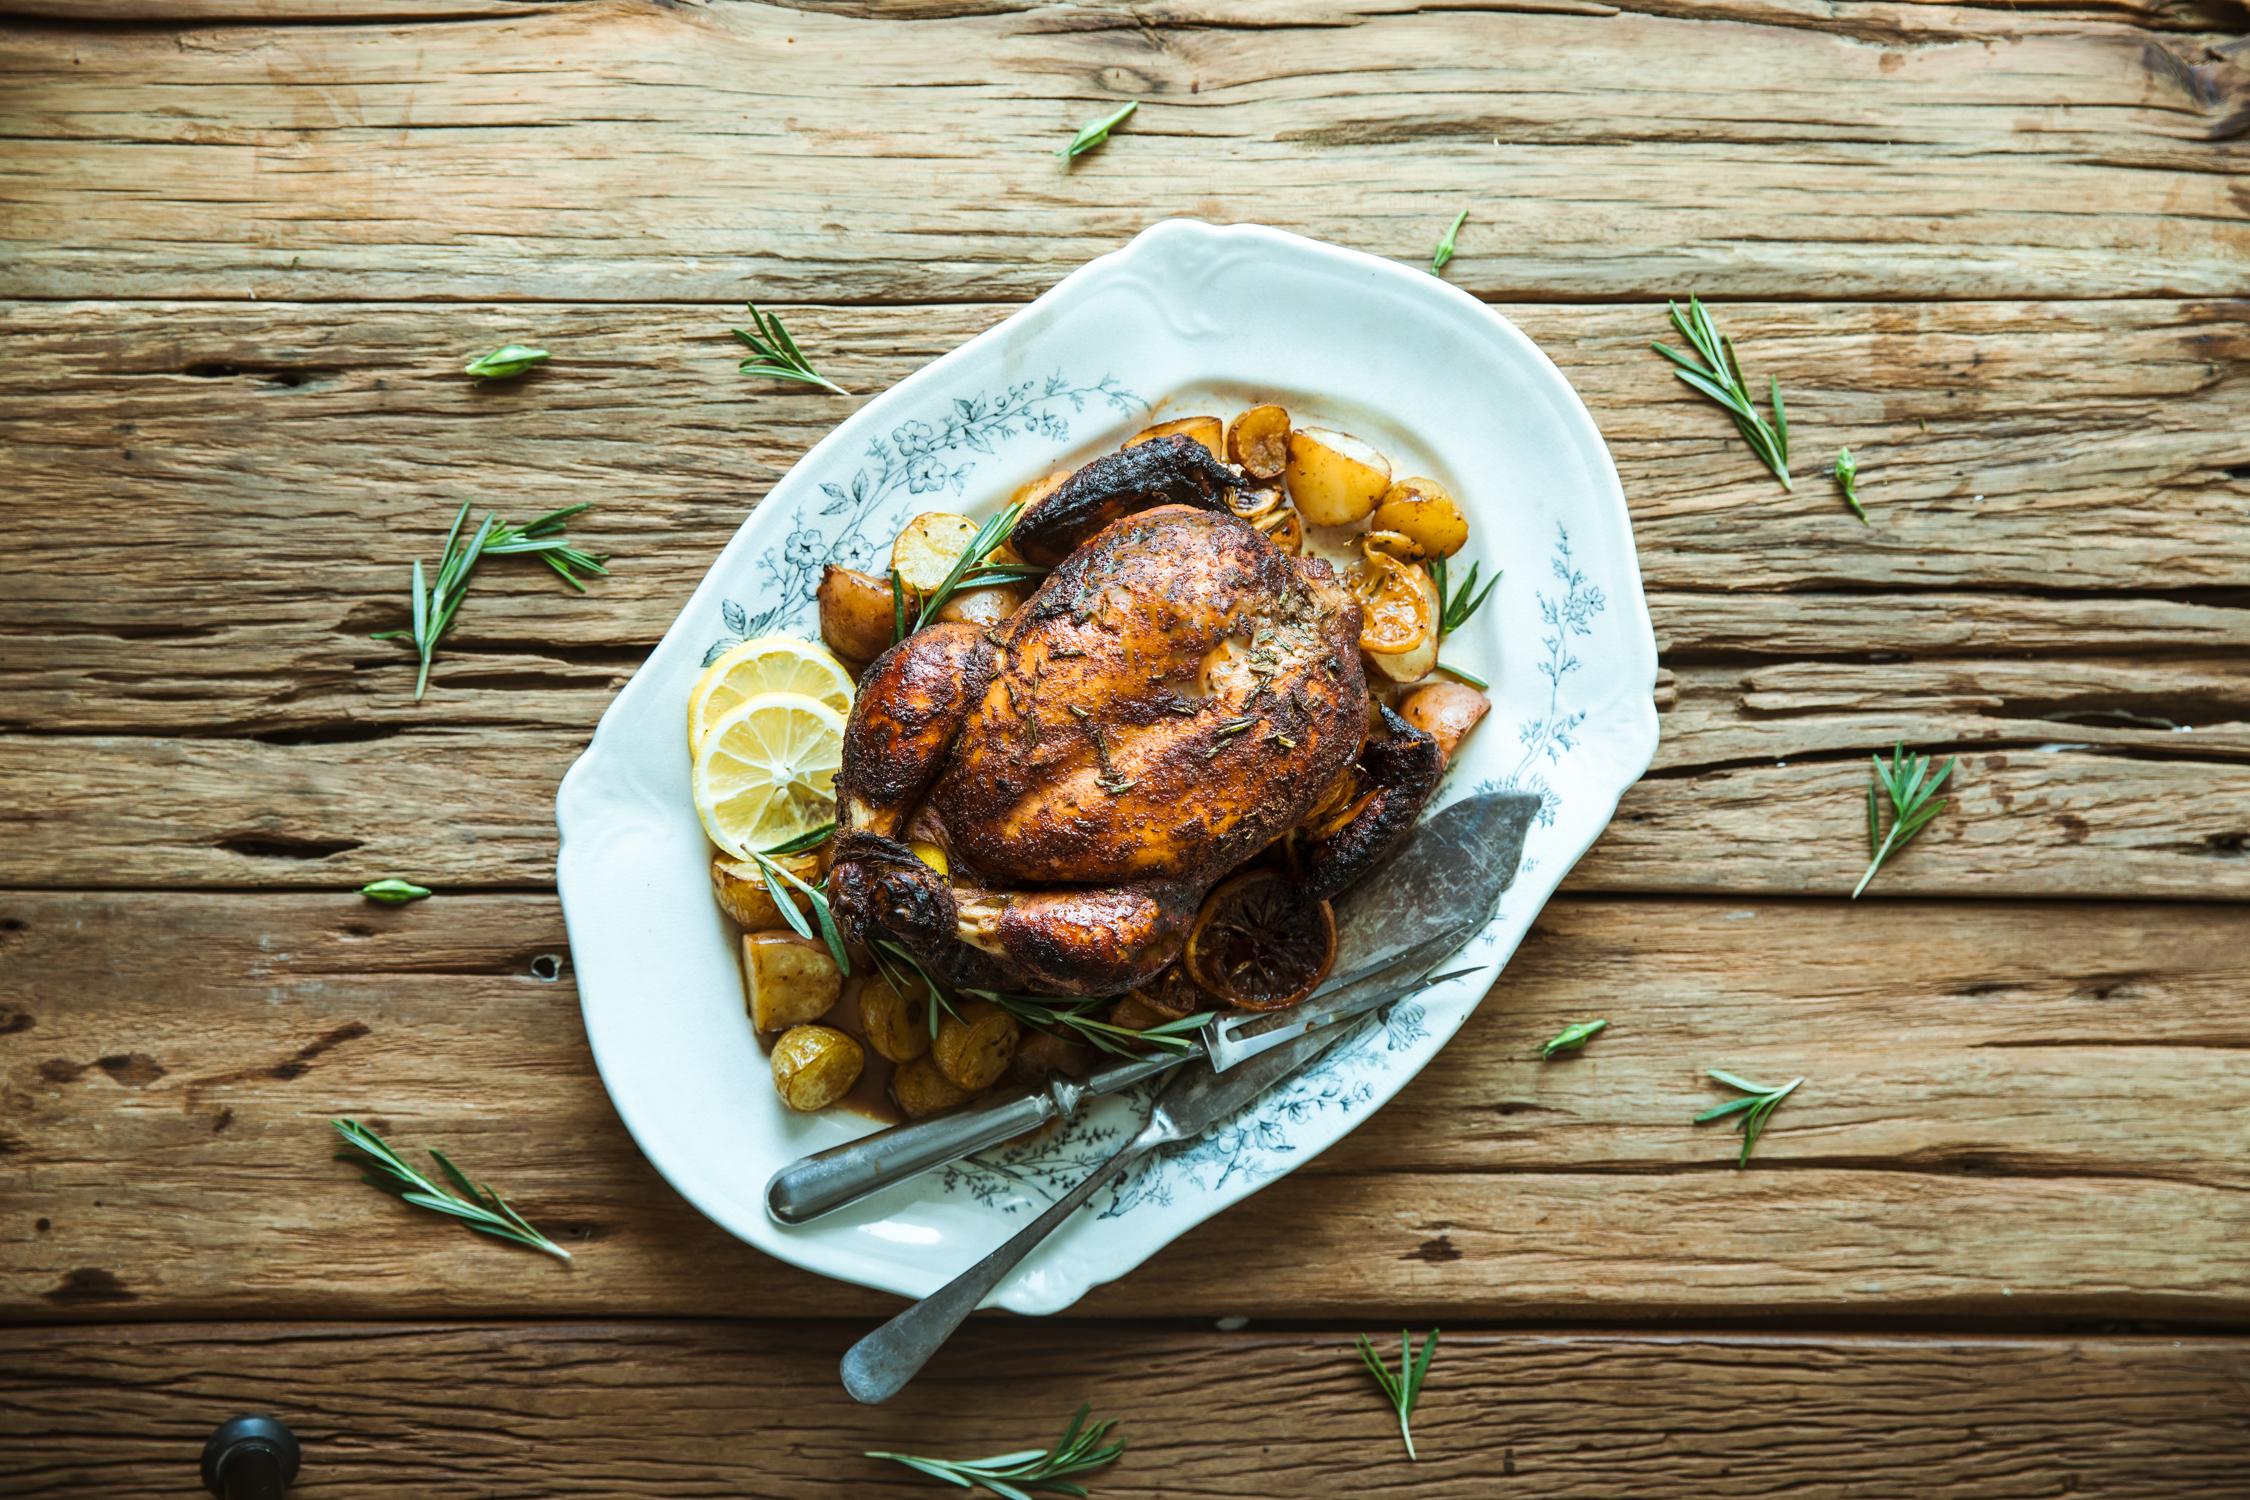 5 Spice Roast Chicken